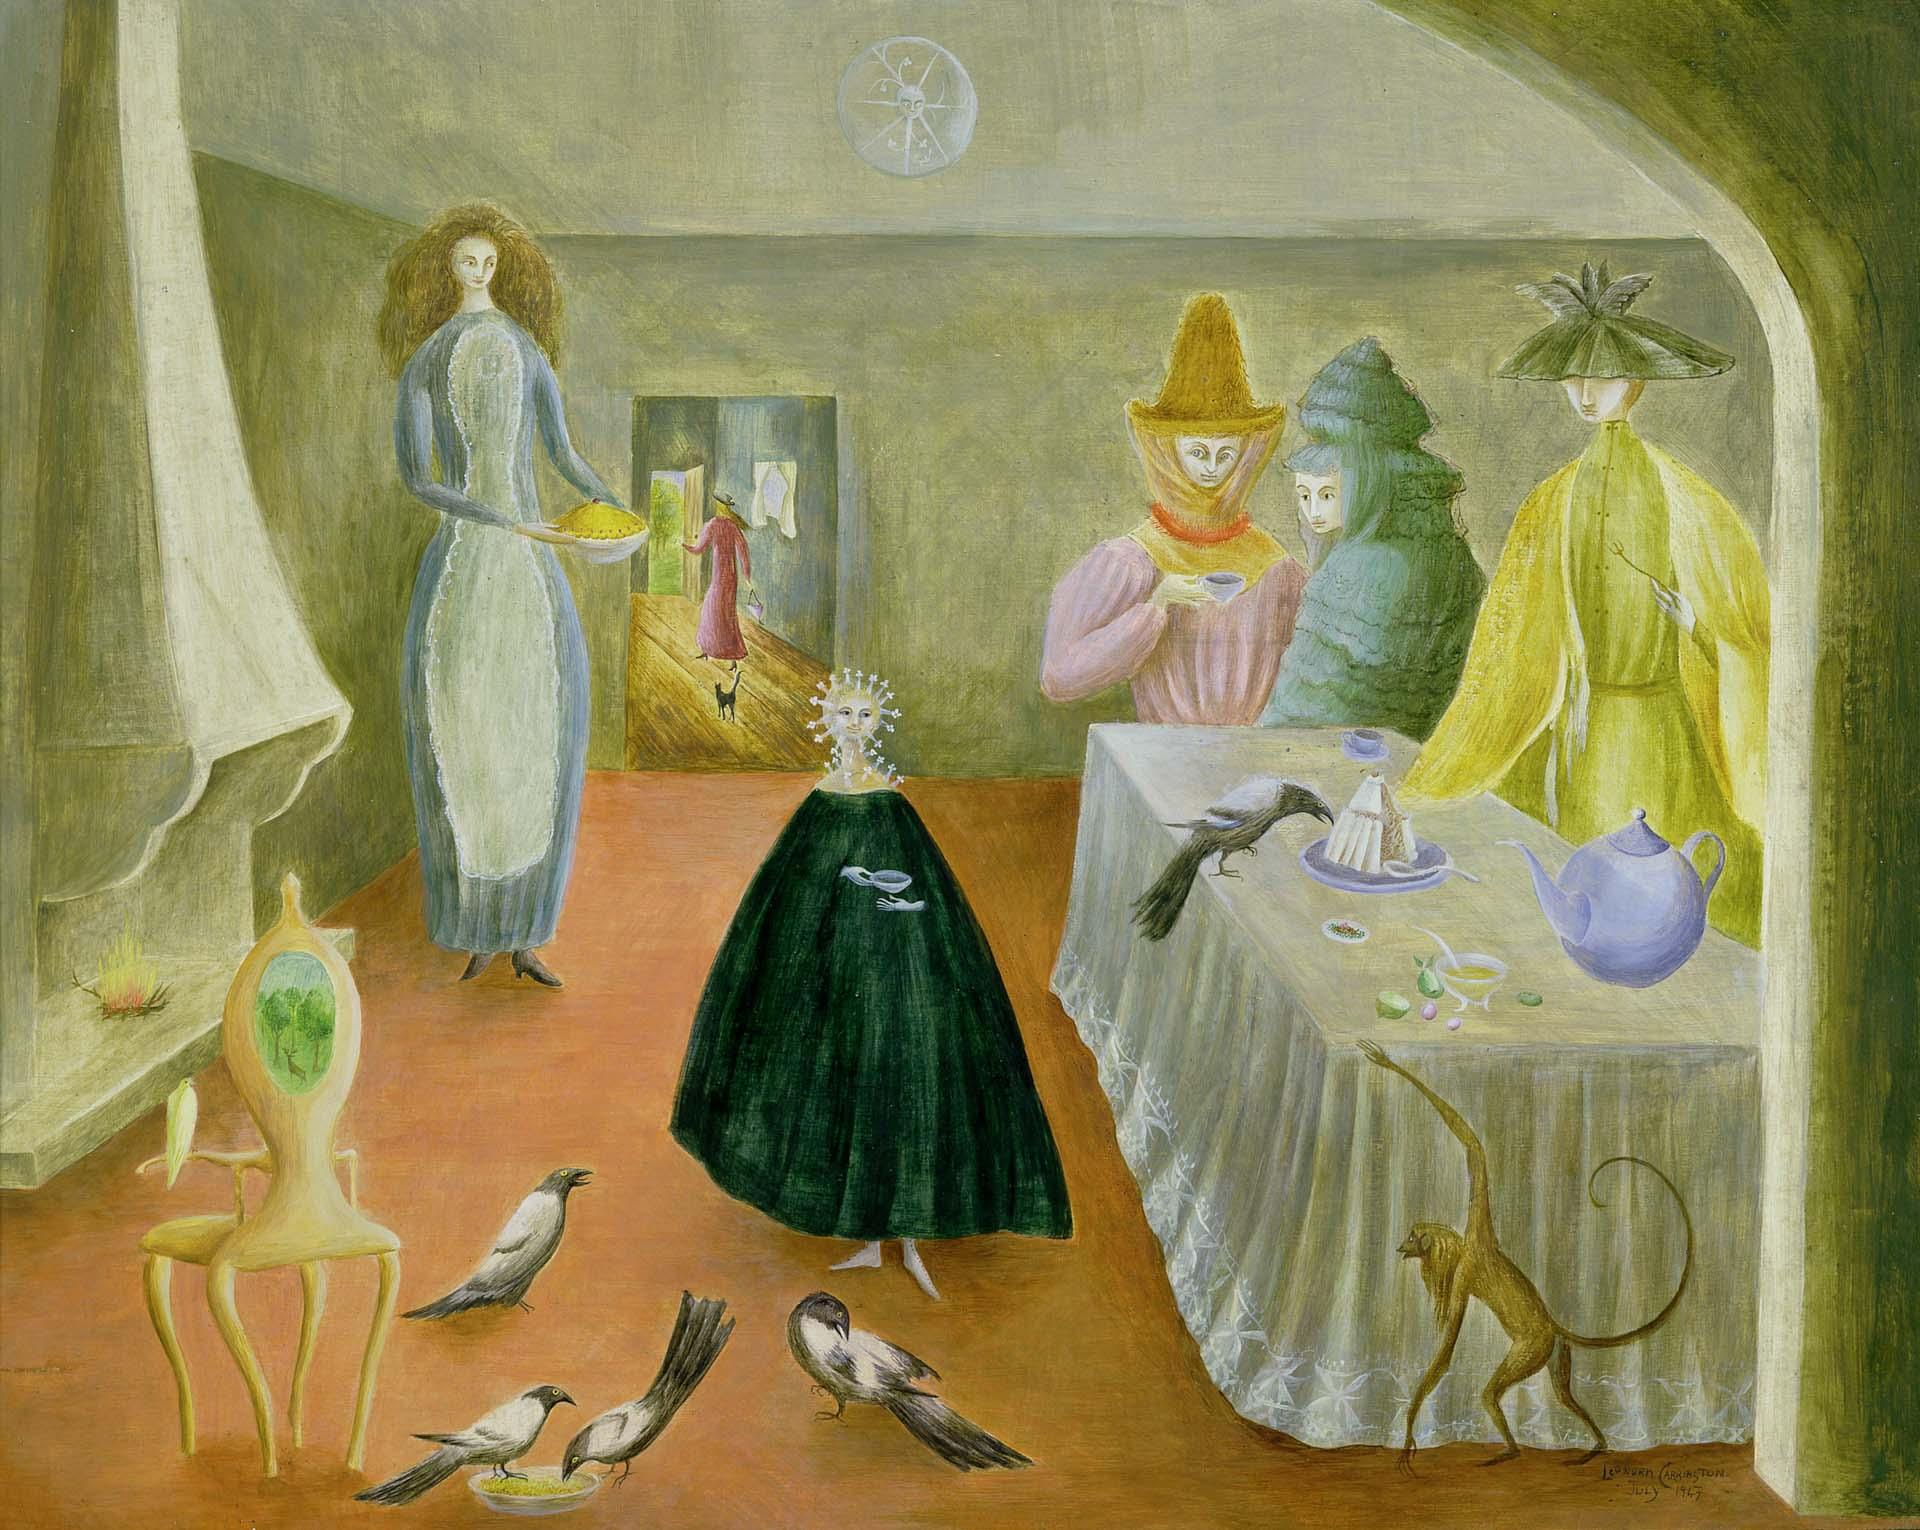 Leonora_Carrington_The_Old_Maids_1947_UEA27